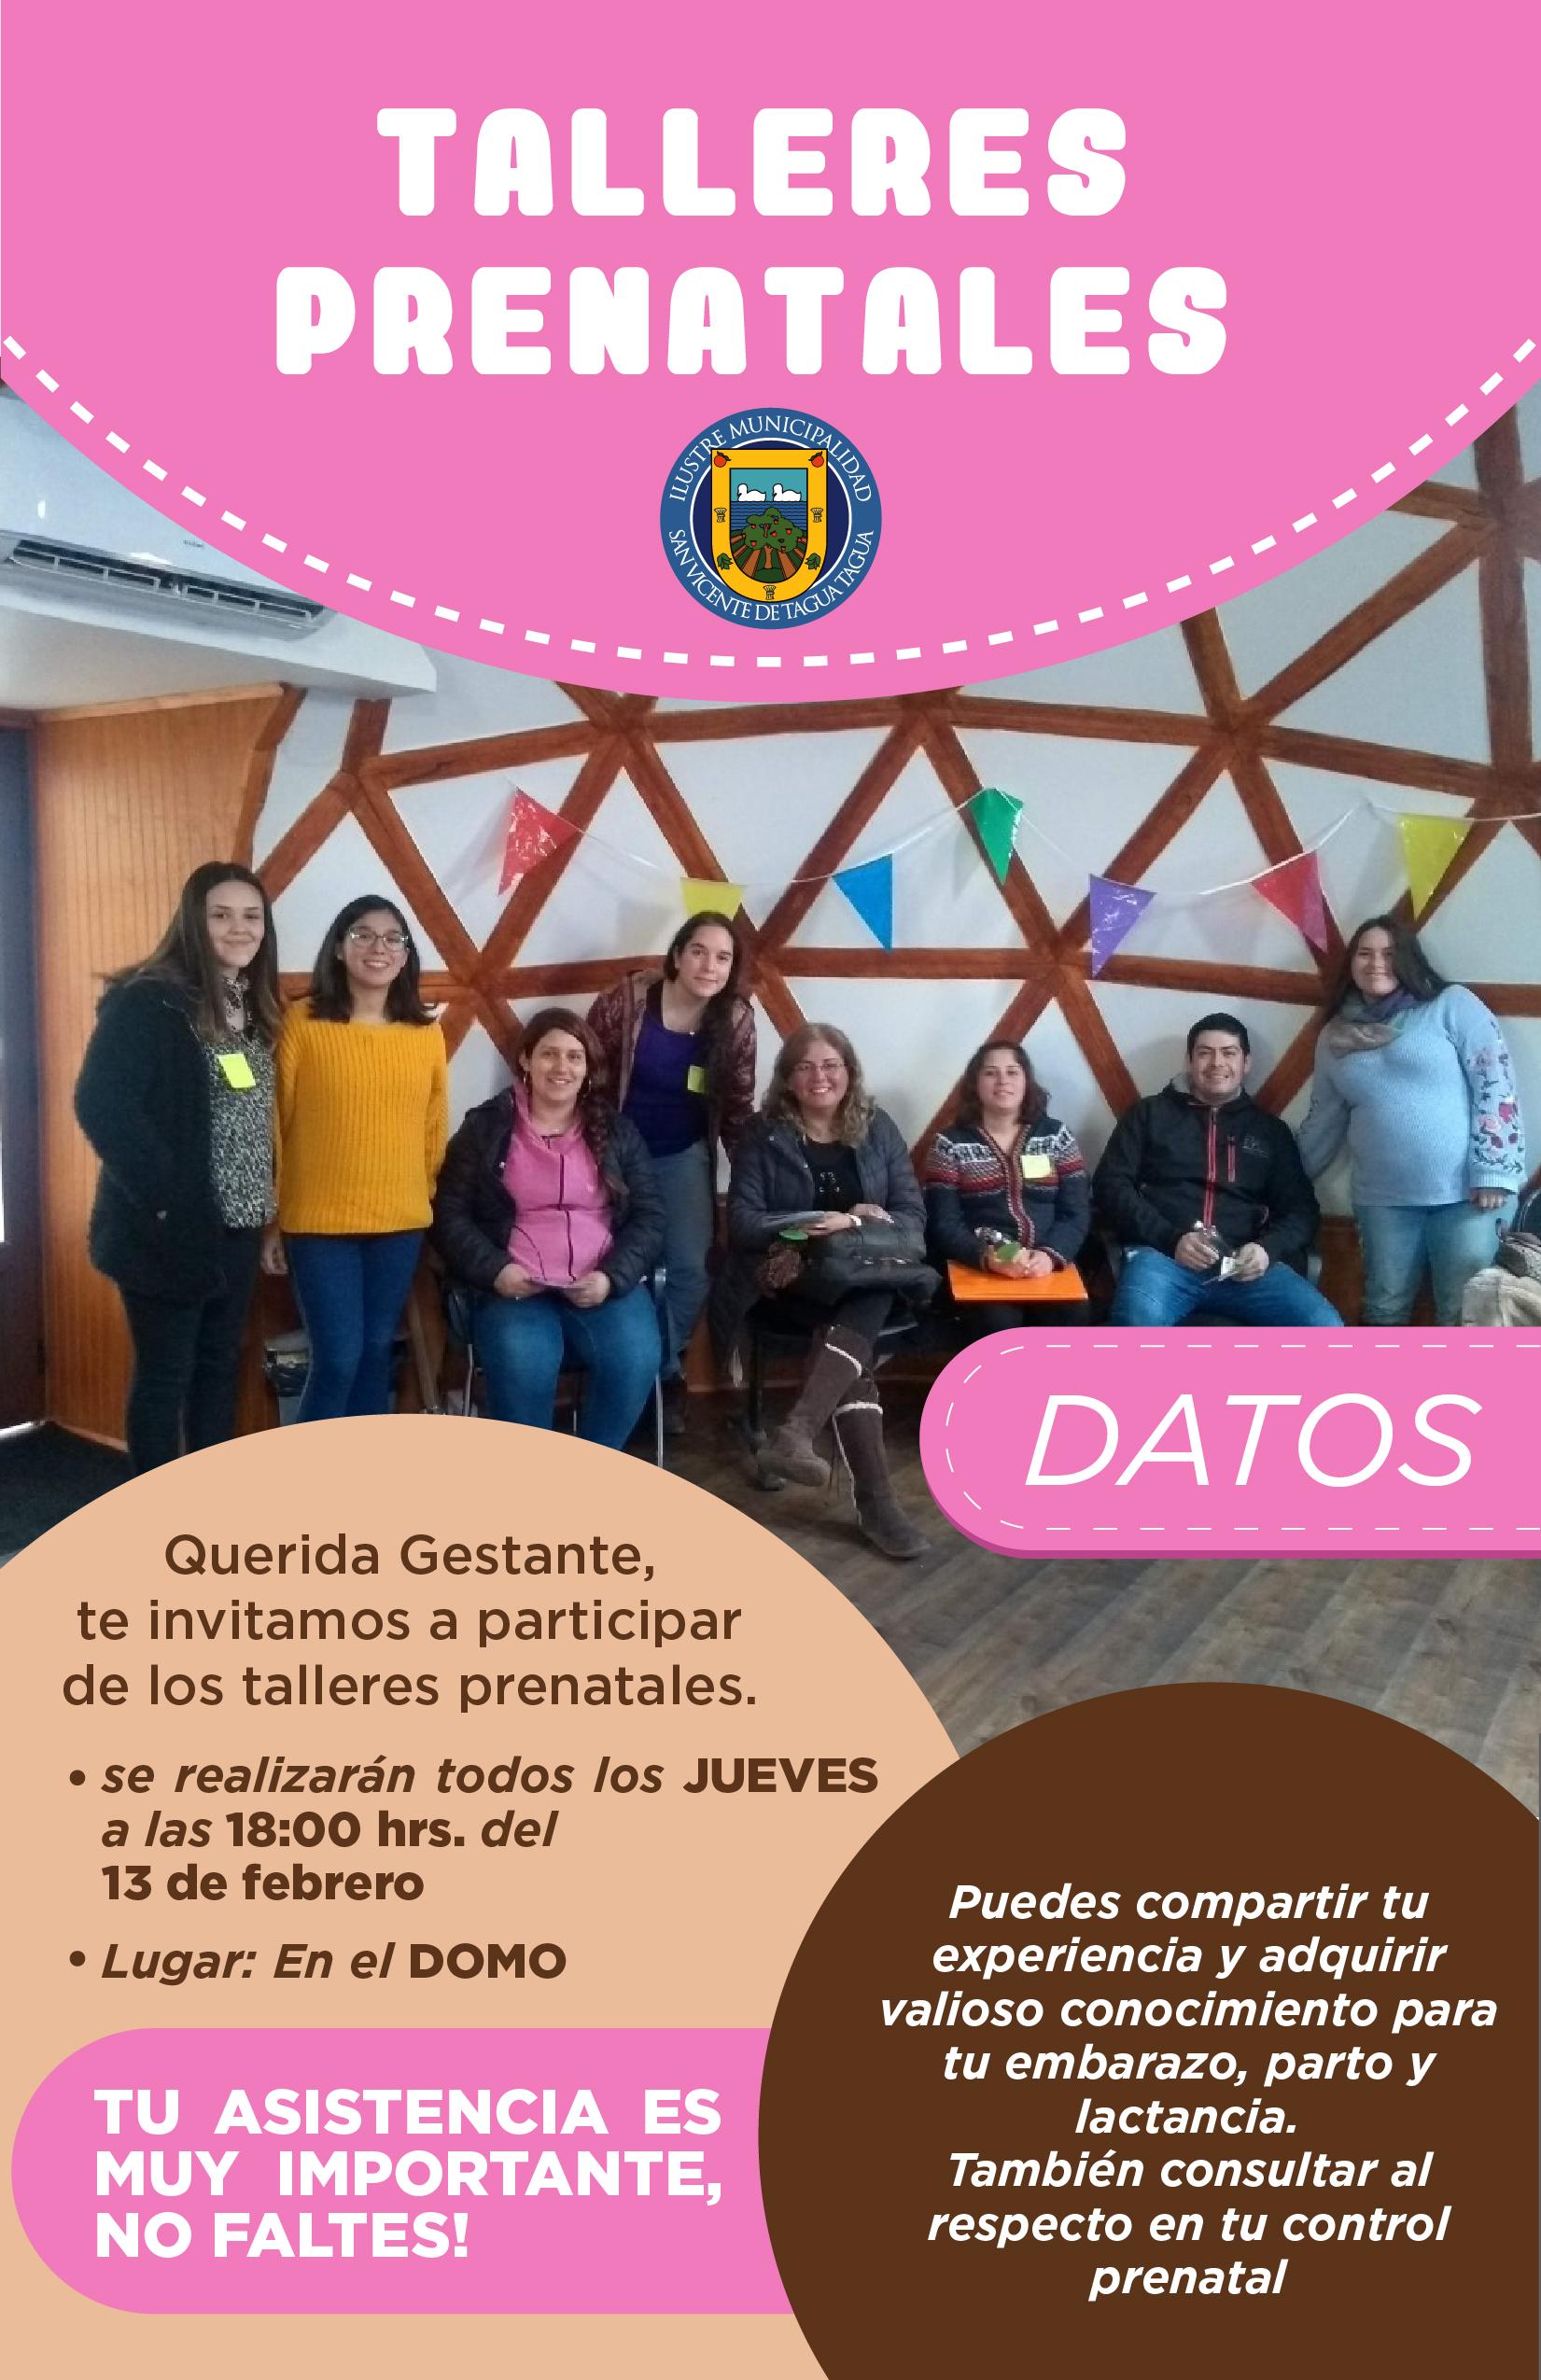 PARTICIPA DE LOS TALLERES PRENATALES 2020 EN SAN VICENTE